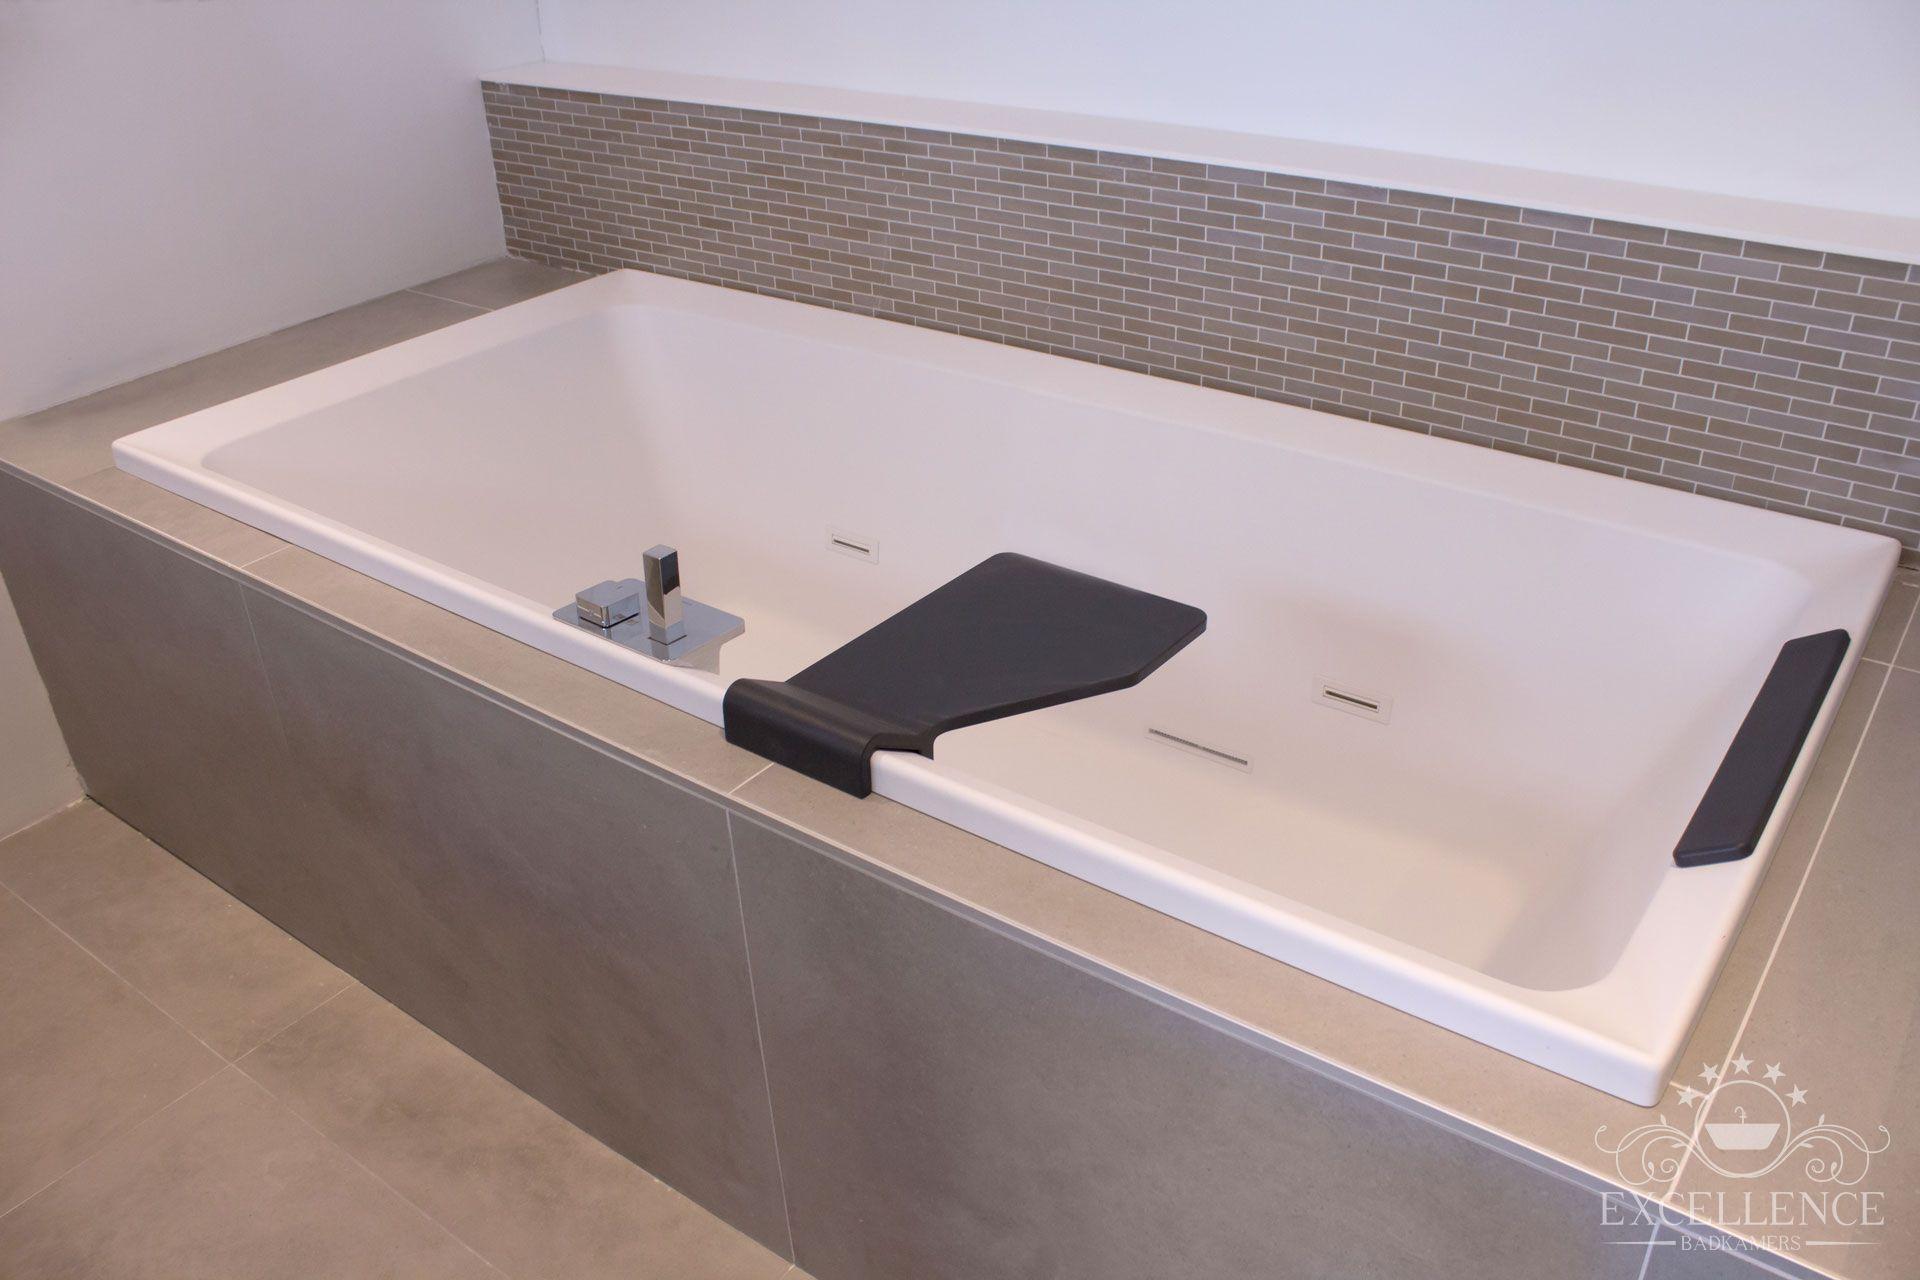 Maatwerk badkamer. Acryl ligbad mat wit met badkraan chroom en mat ...